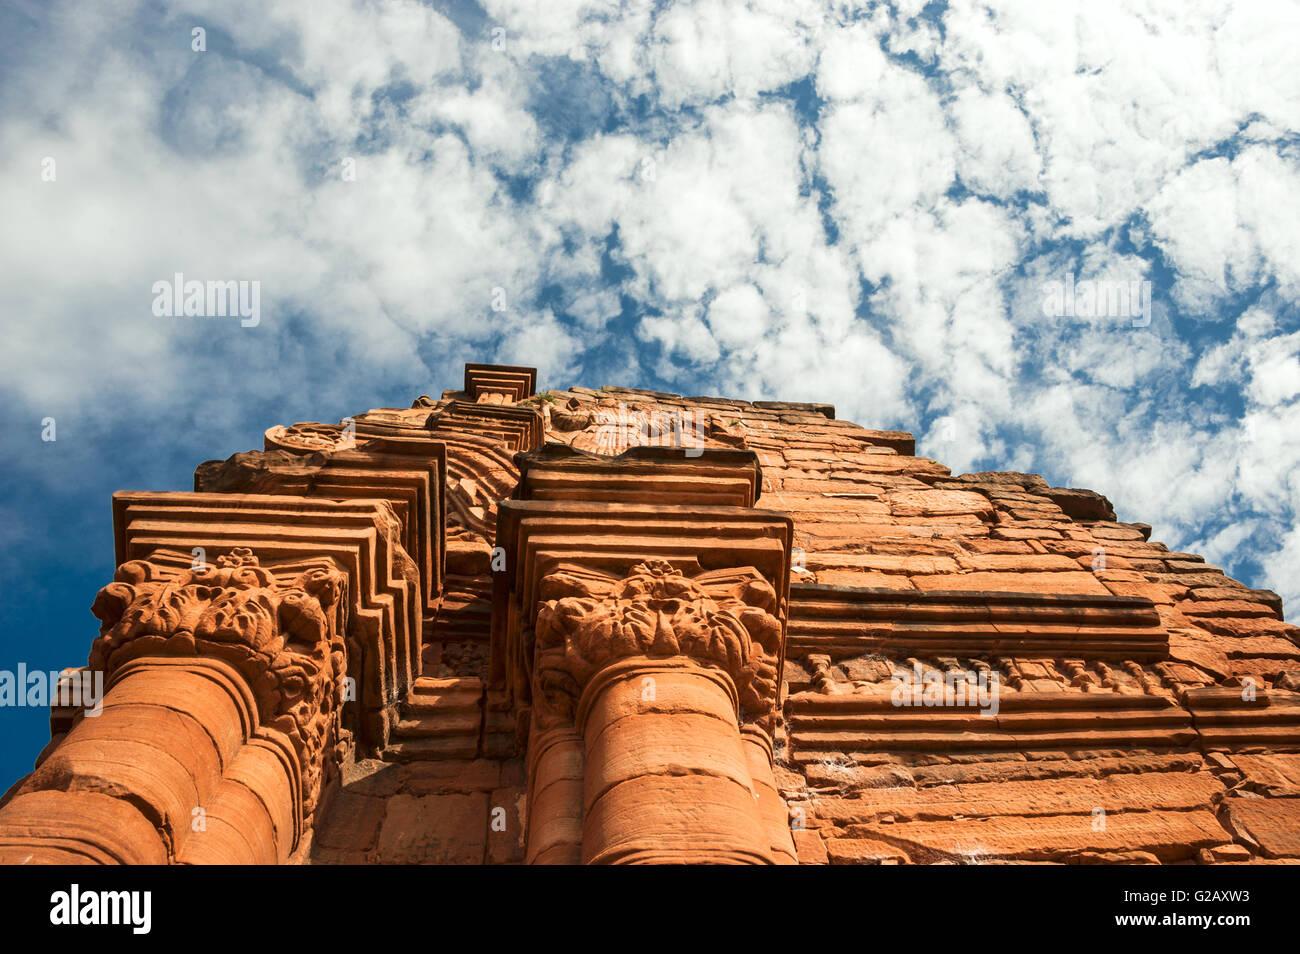 Mission San Ignacio-Mini fondée en 1632 par les Jésuites, province de Misiones, Argentine Photo Stock